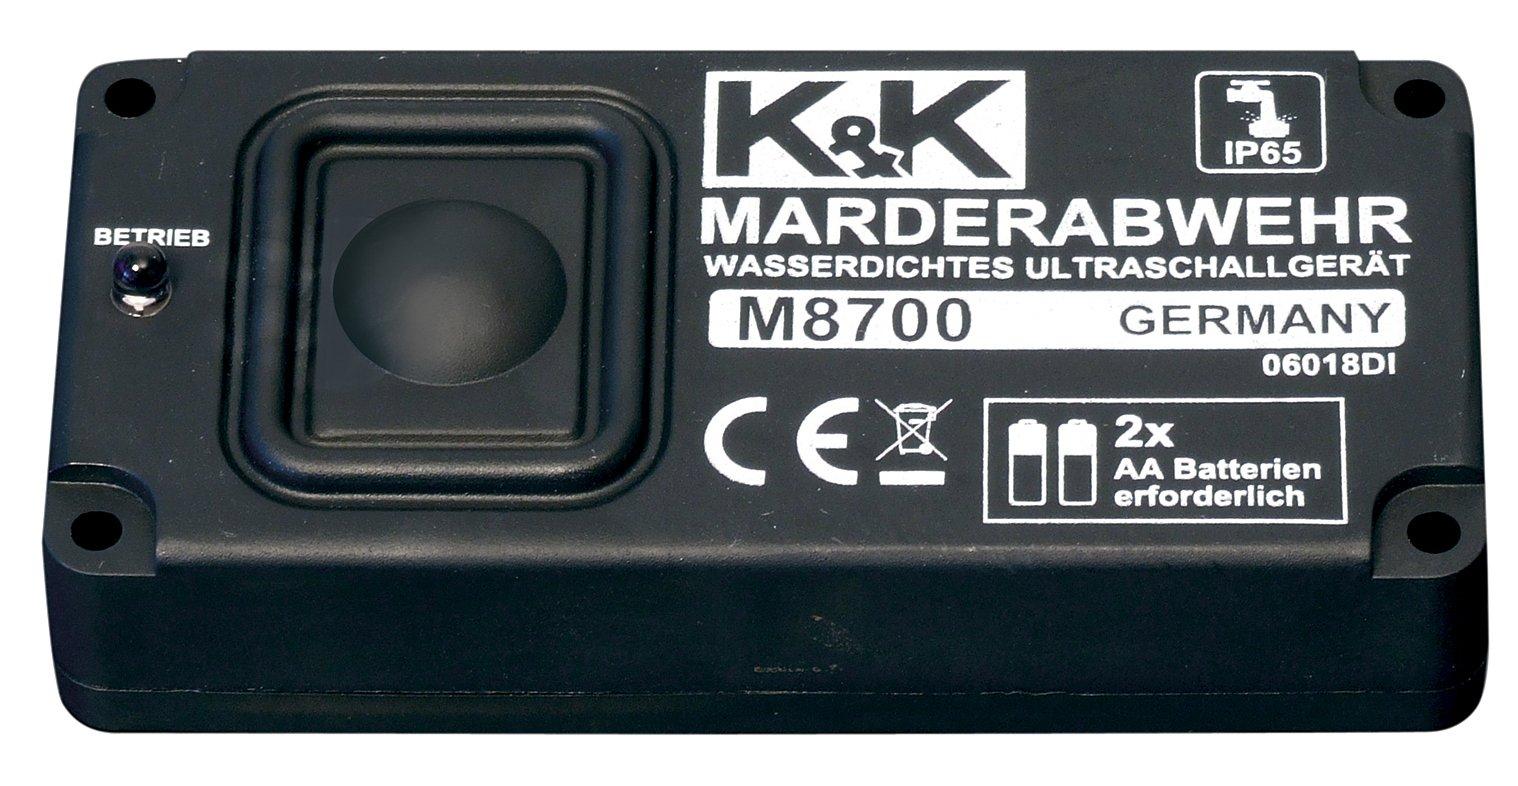 K&K Cartrend M8700 Marderabwehr - wasserdichtes Sinus-Ultraschallgerät, Batteriebetrieb, Reichweite bis zu 6m/60m², mit IP 65 product image